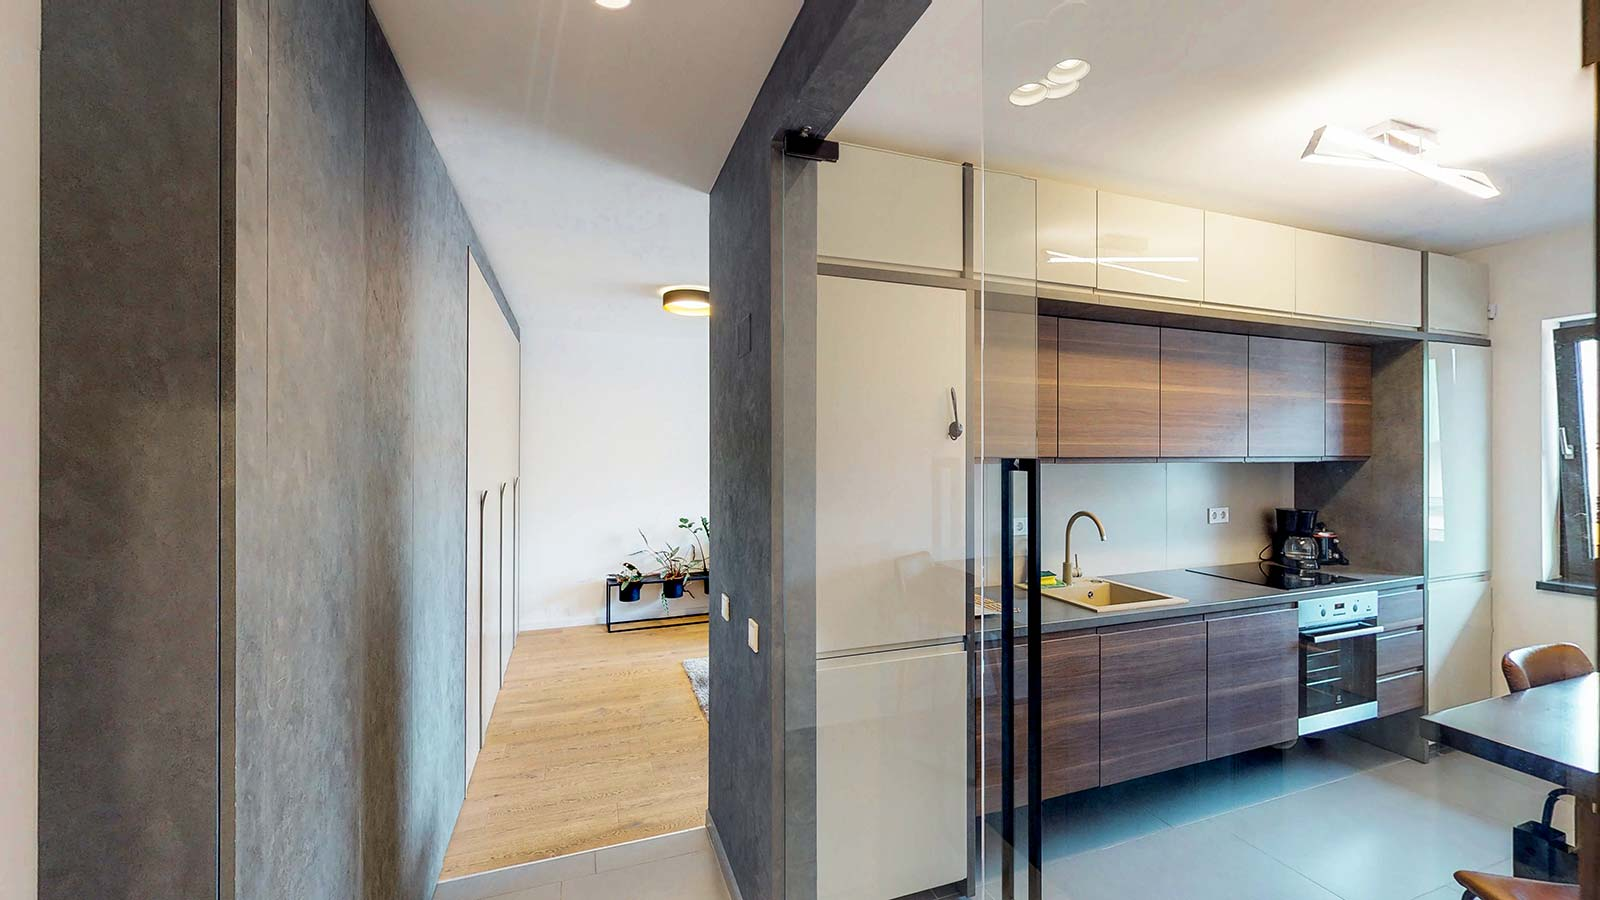 Vedere din hol, în prim plan existând bucătăria spre dreapta apoi spre stânga fiind identificată sufrageria apartamentului